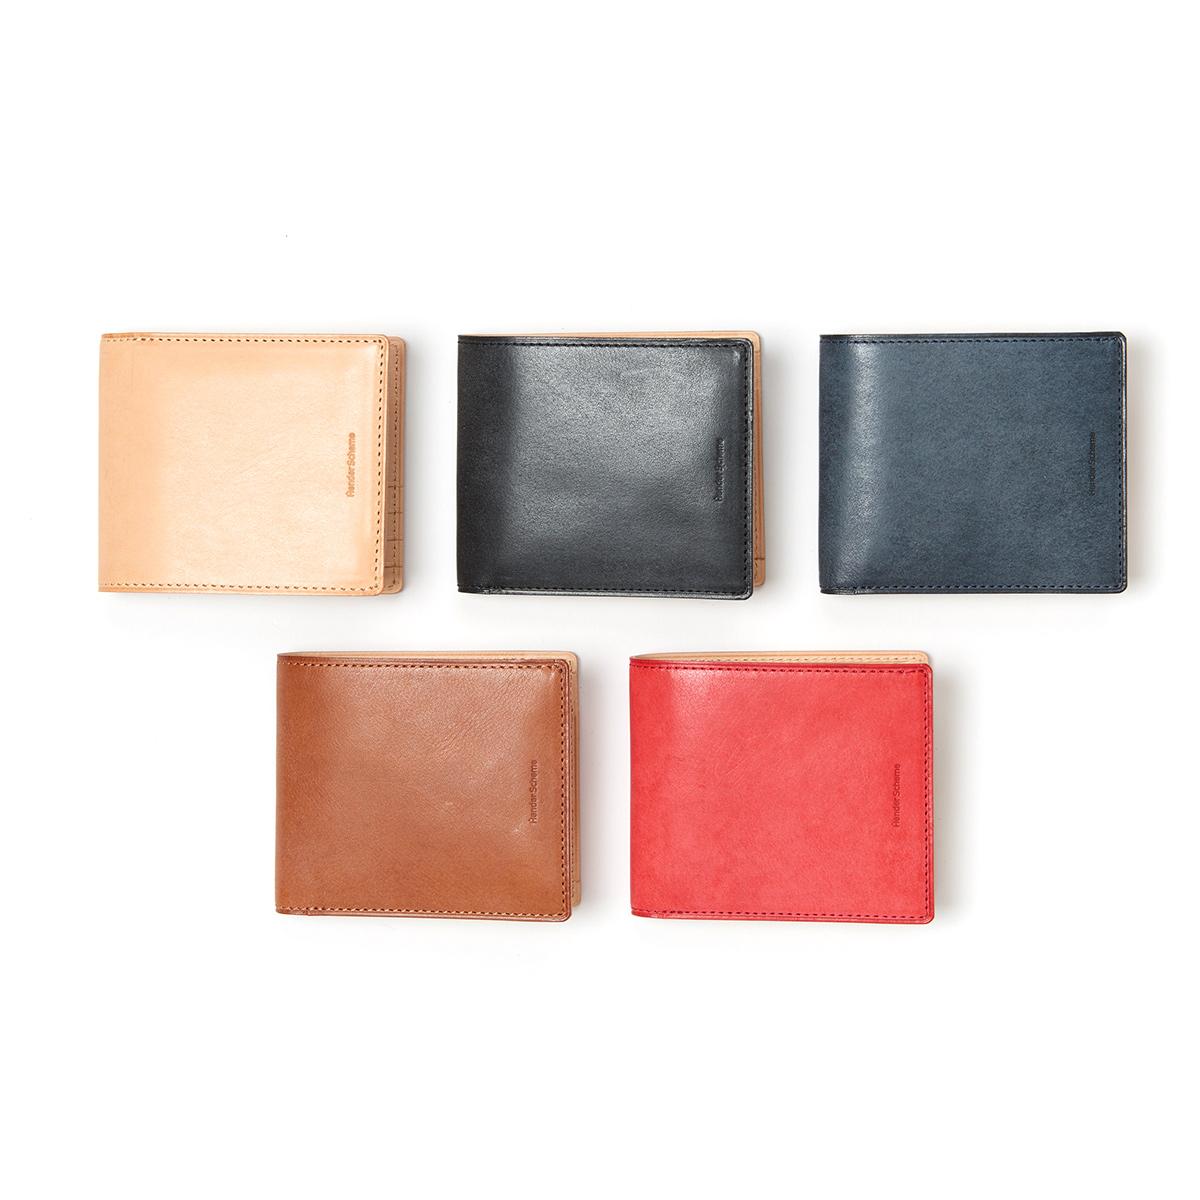 Hender Scheme / half folded wallet